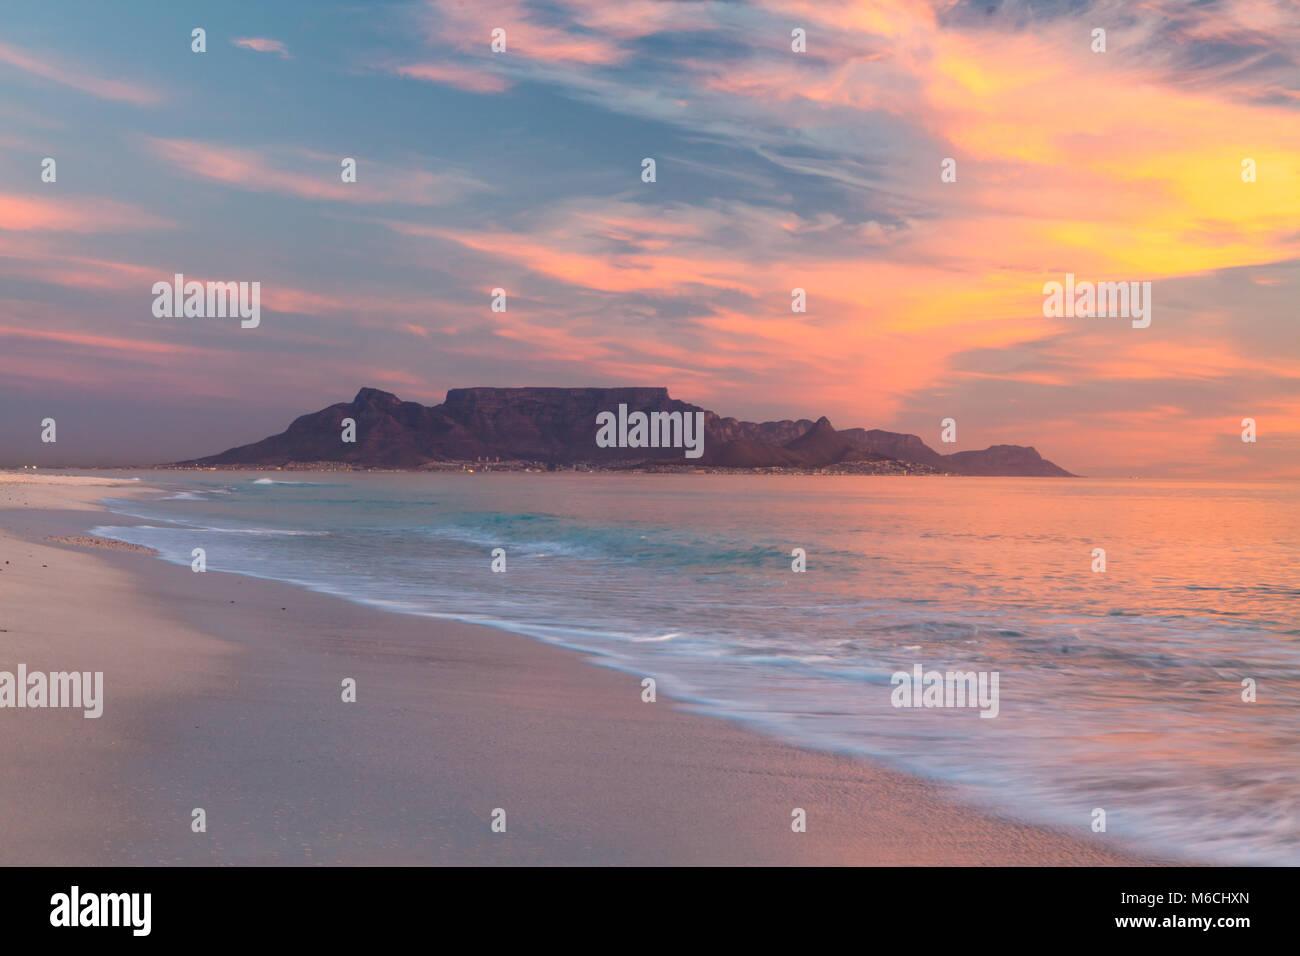 Vista panoramica della montagna della tavola Città del Capo in Sud Africa da blouberg al tramonto Immagini Stock